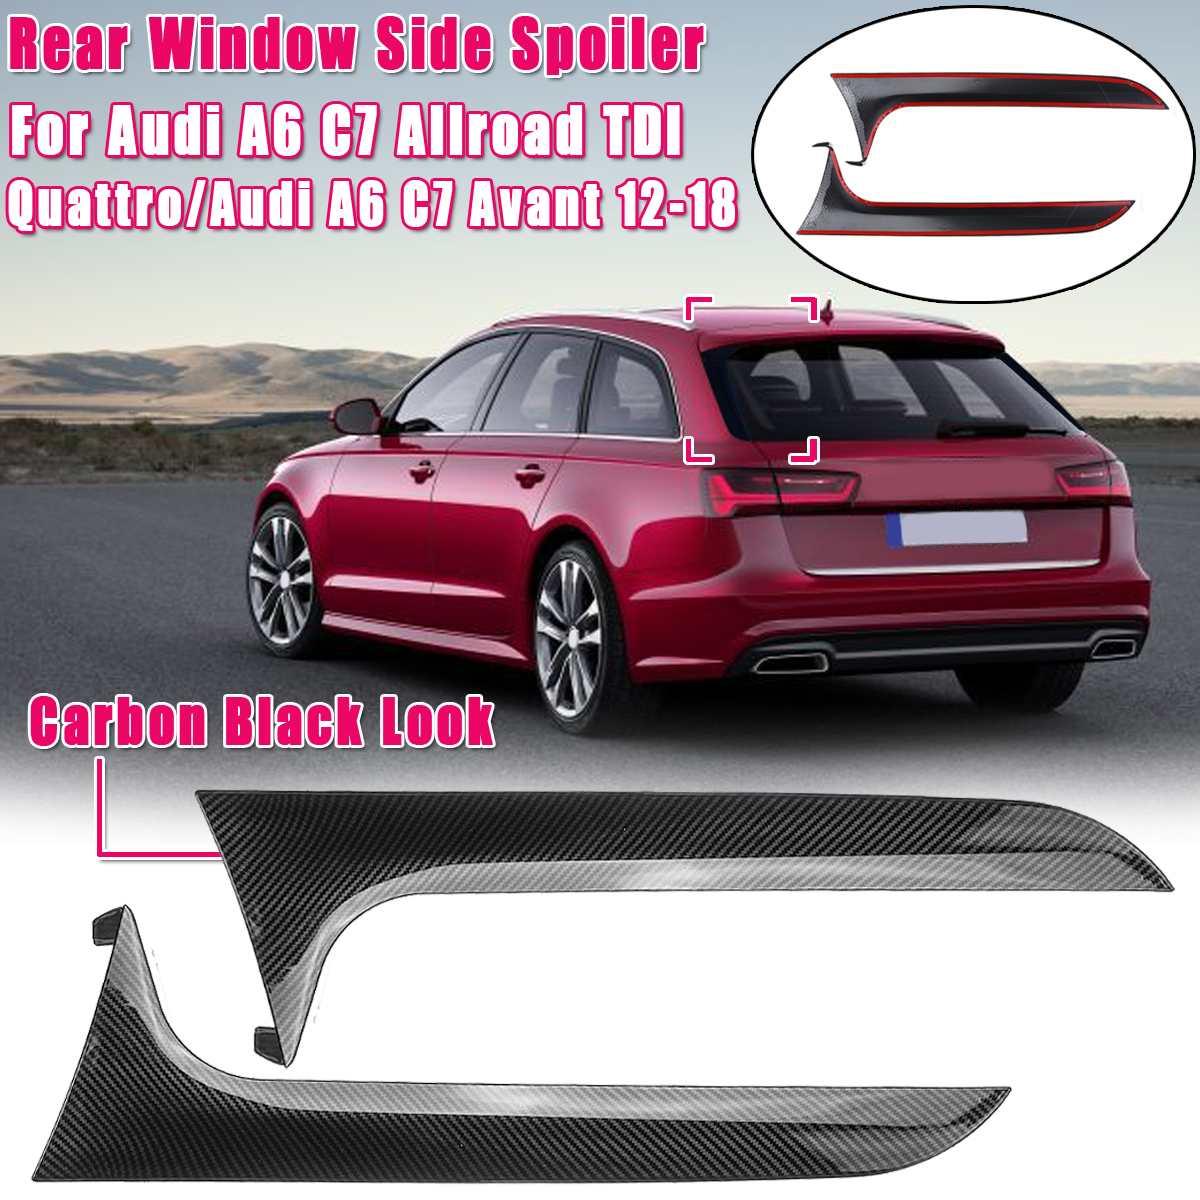 Задний задний спойлер за окном боковая полоса накладка переоборудование экстерьера комплект подходит для Audi A6 C7 Allroad TDI Quattro/для Avant 2012-2018